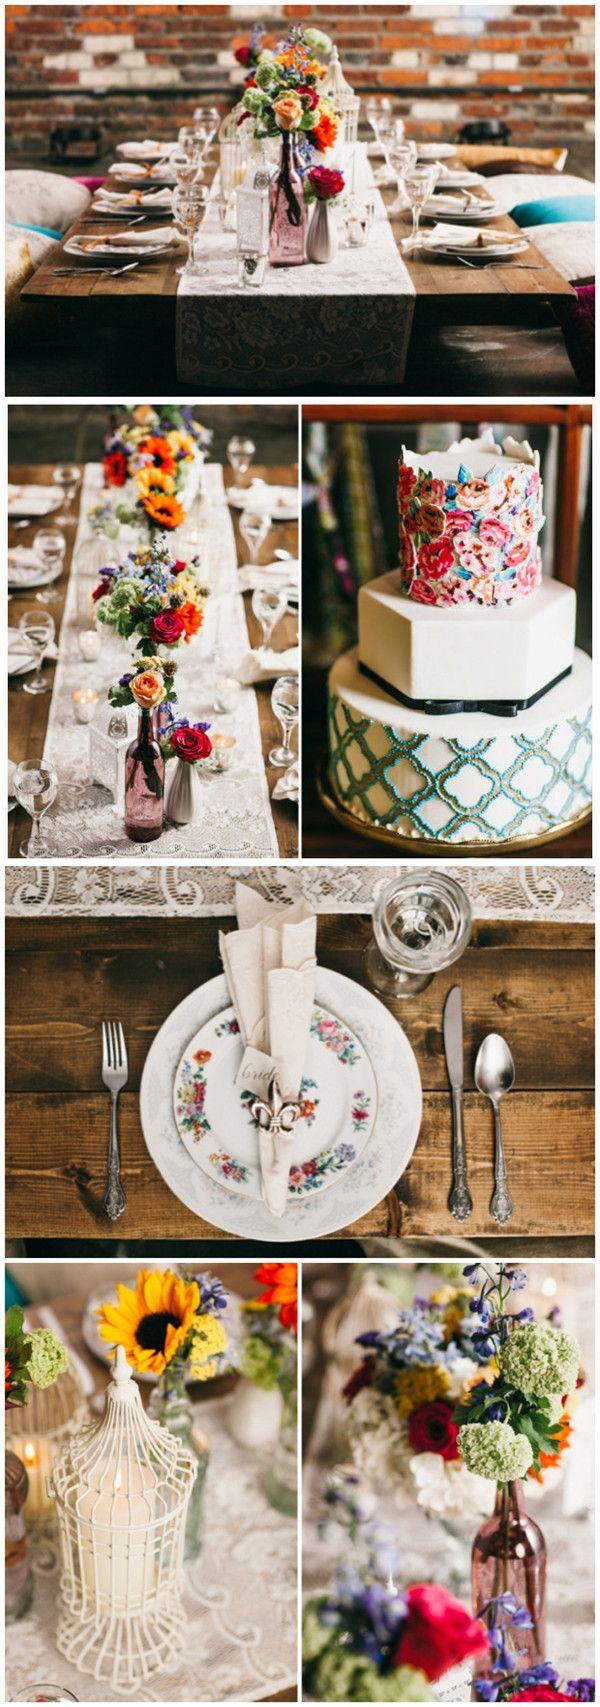 bunte Vintage Bohemian Hochzeit Inspiration Tischdeko Hochzeitstorten Dekoideen